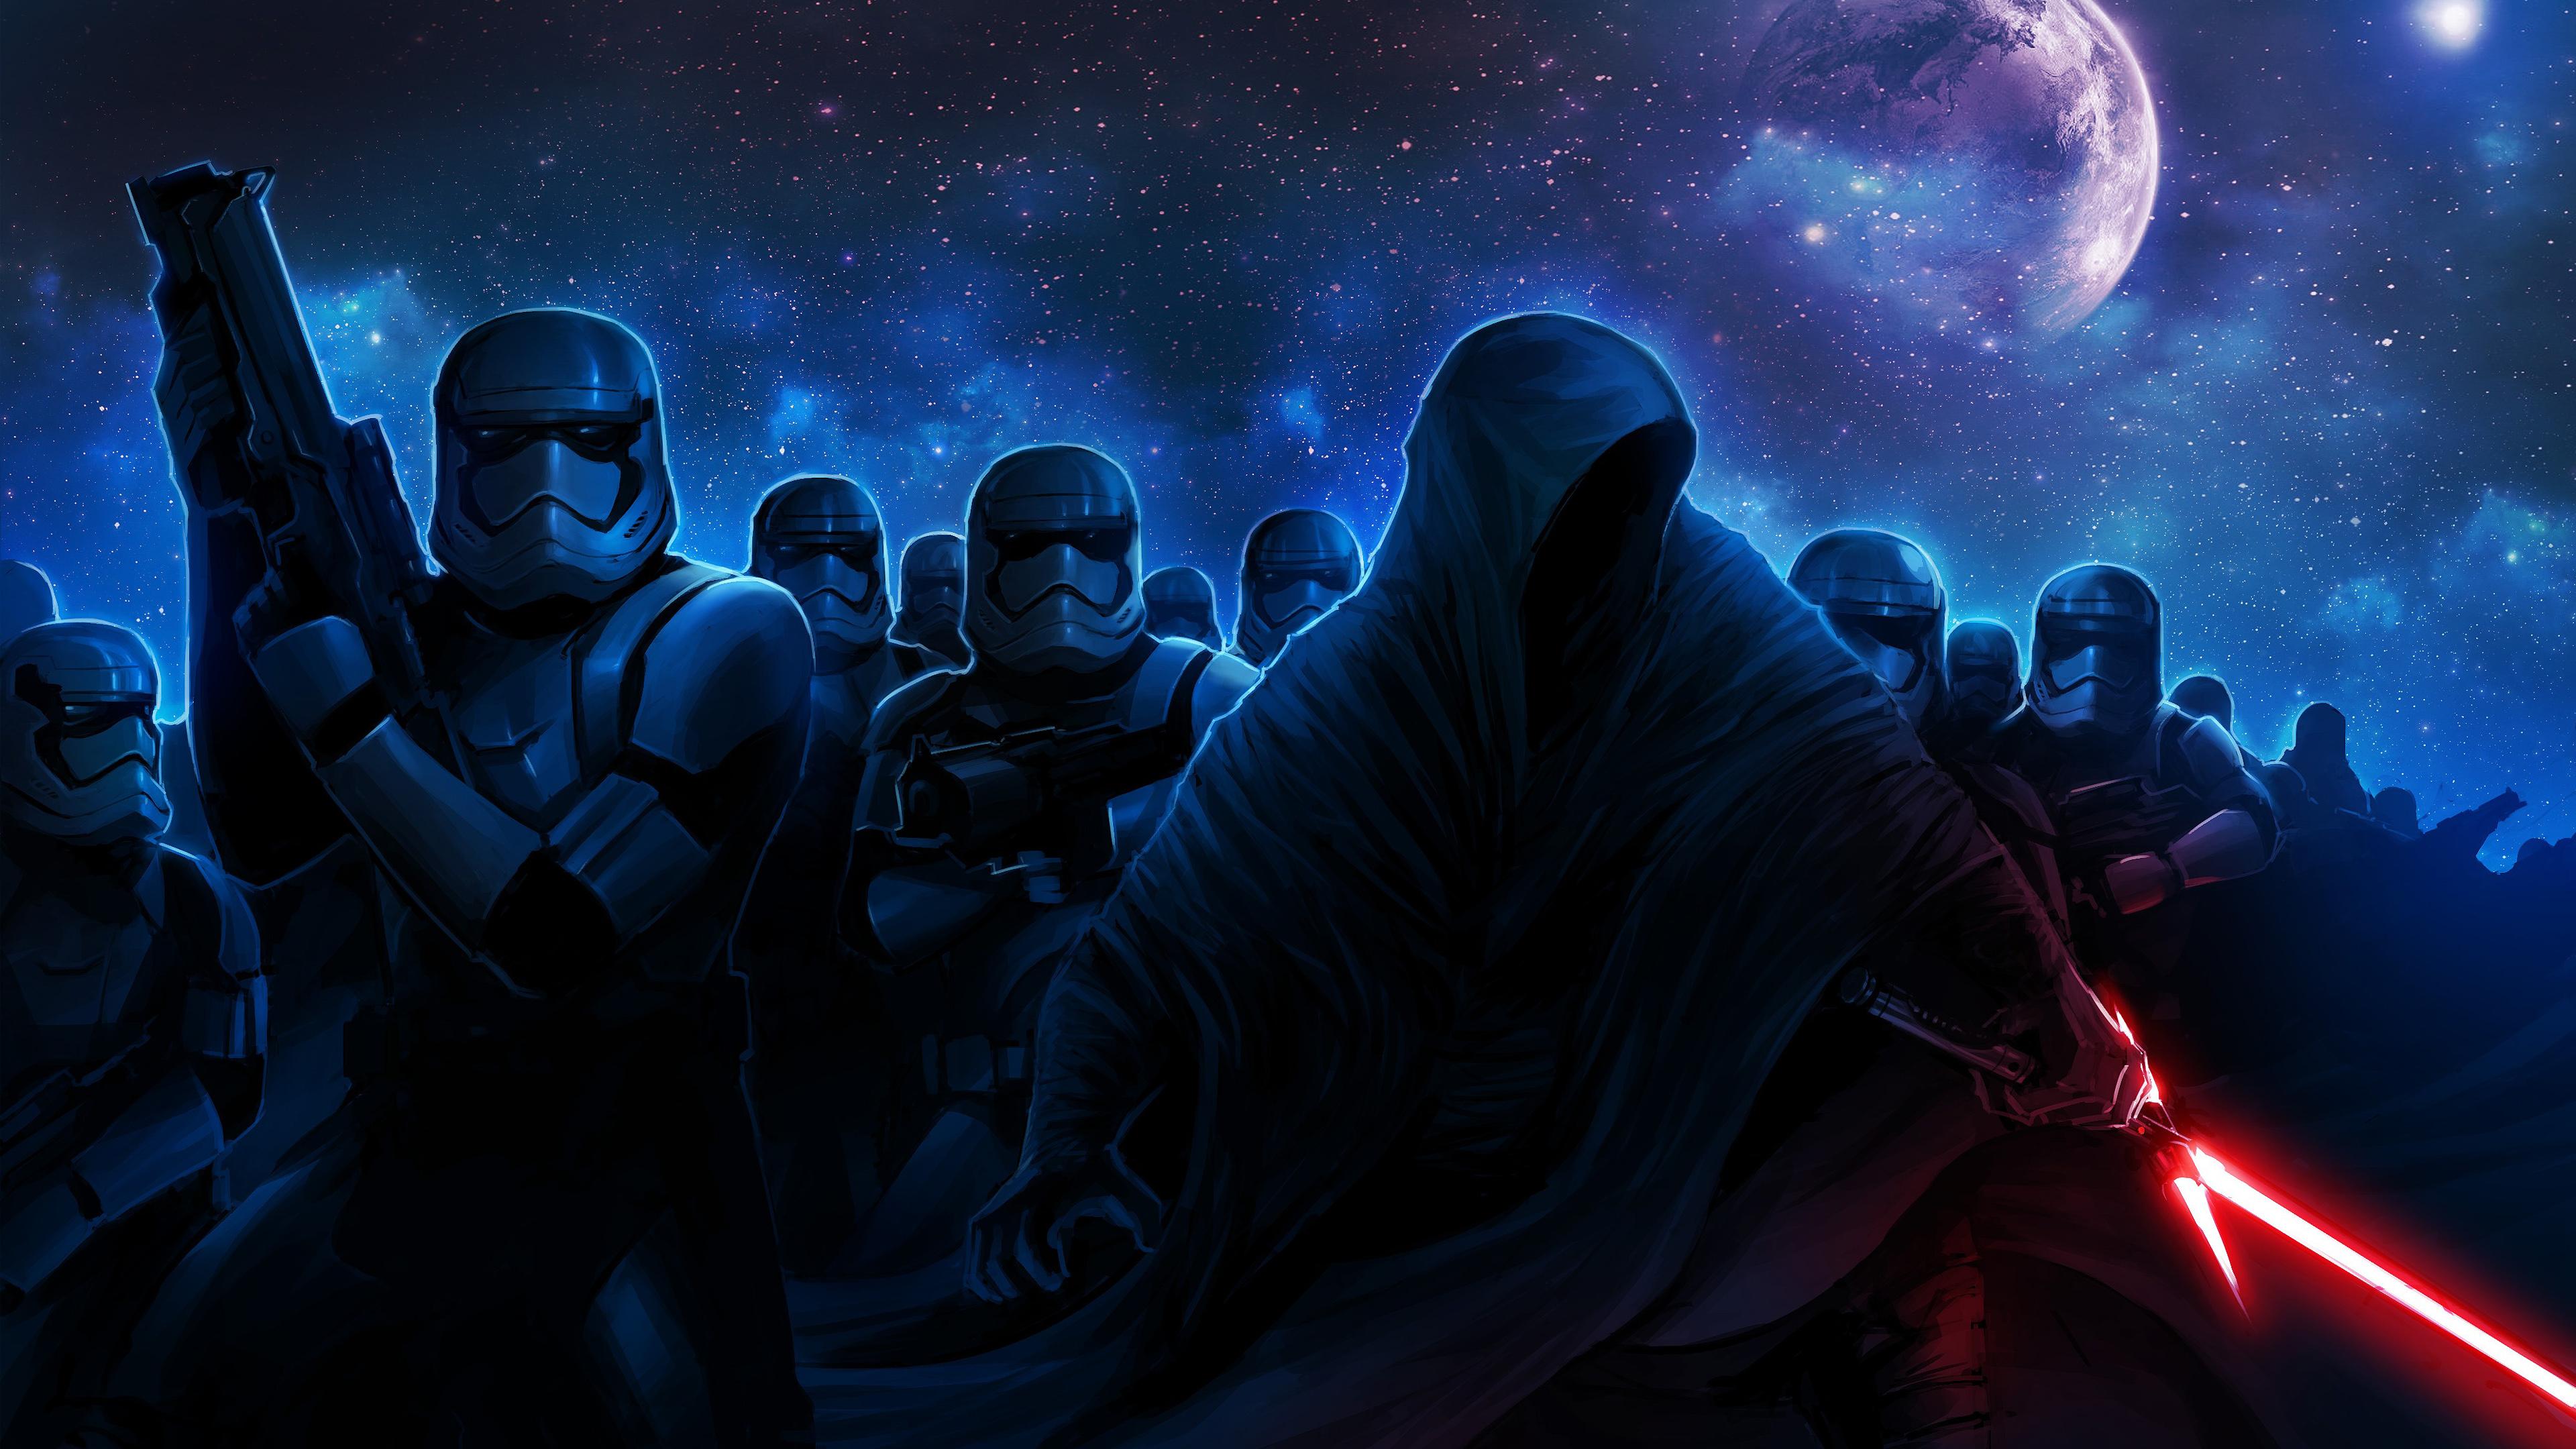 Stormtroopers Darth Vader 4K wallpaper